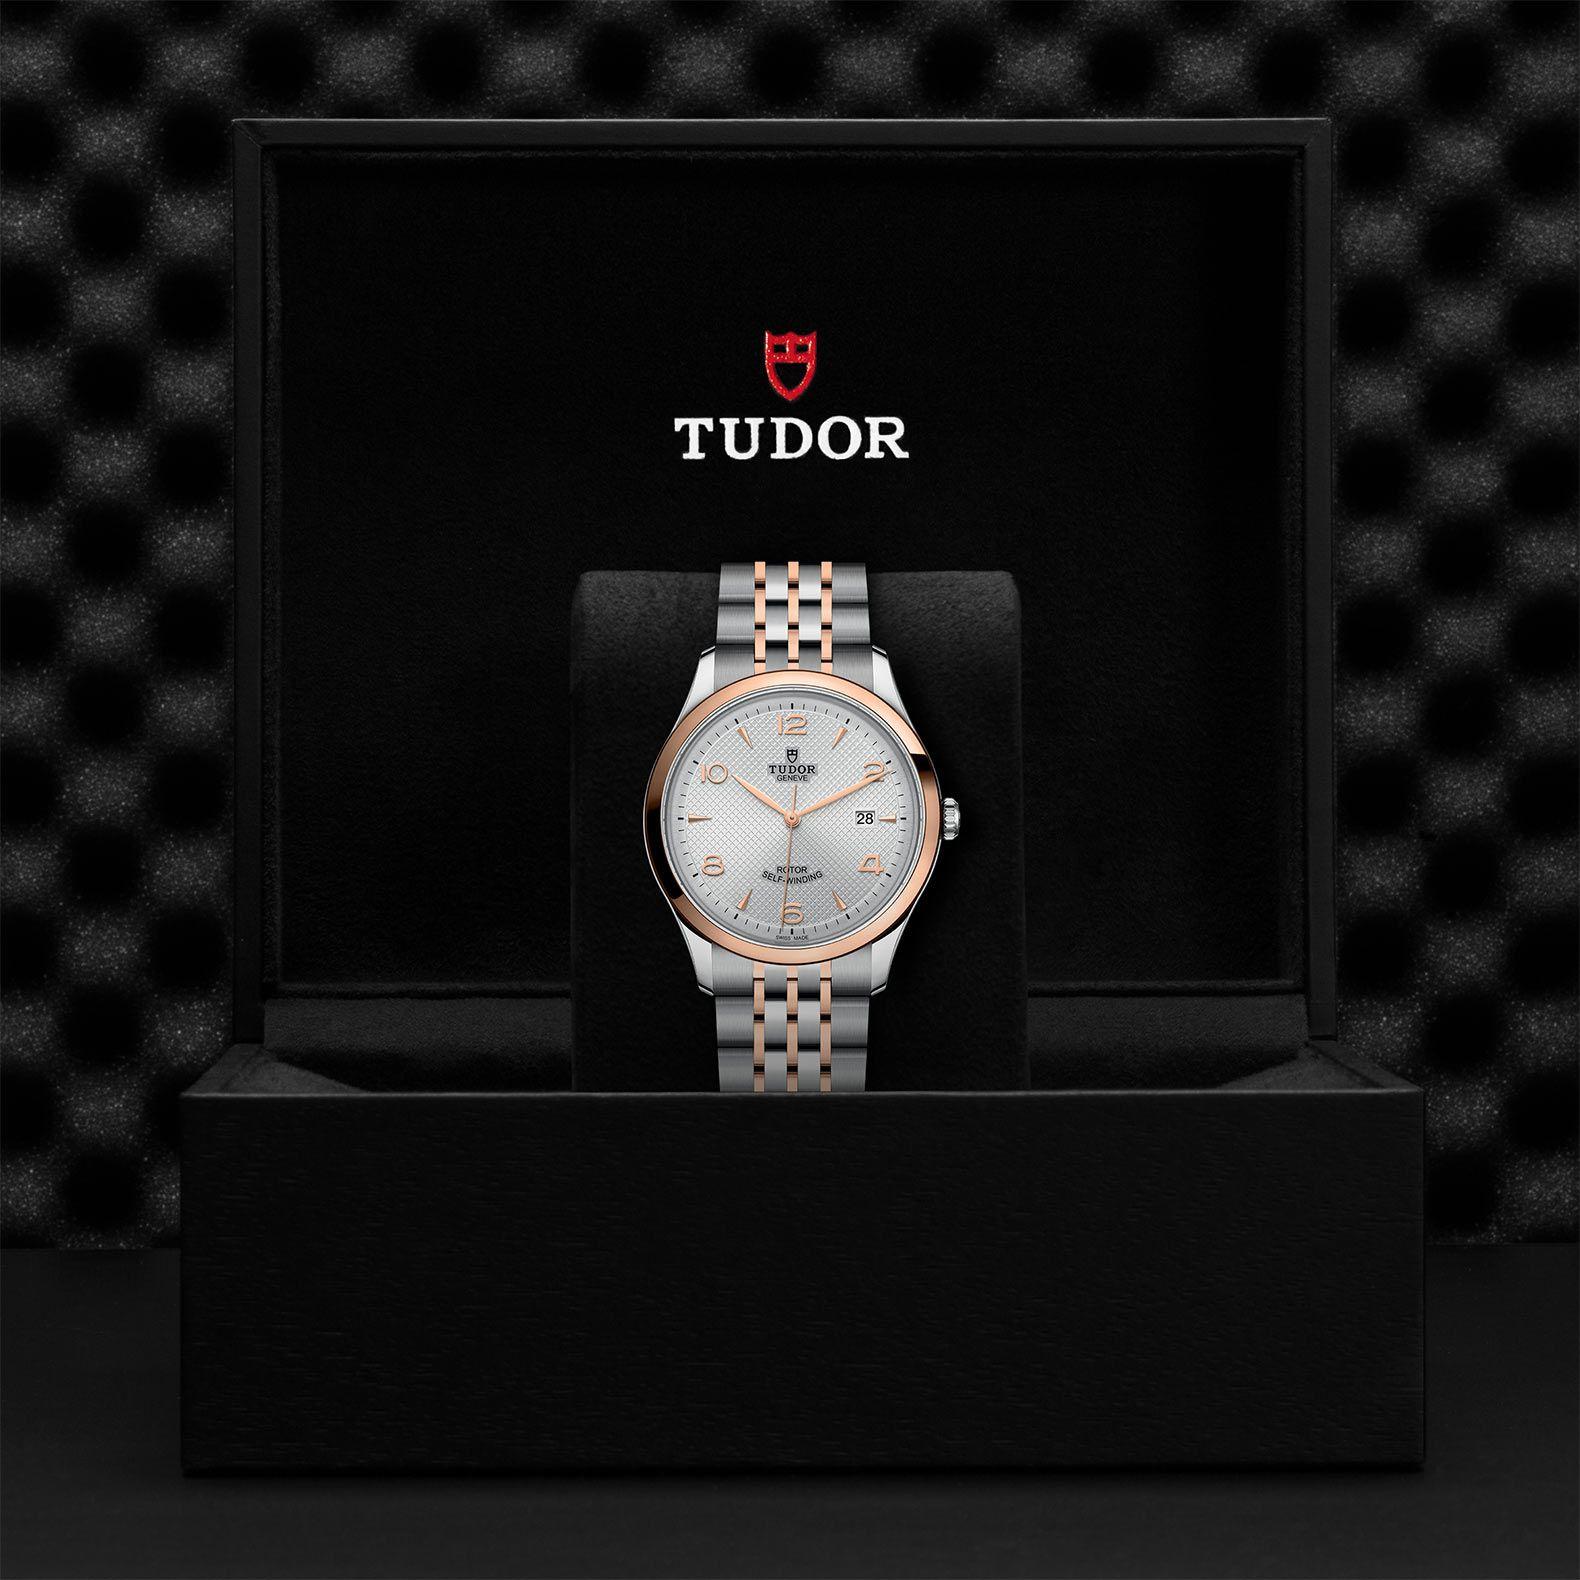 TUDOR 1926 91650 - 0001